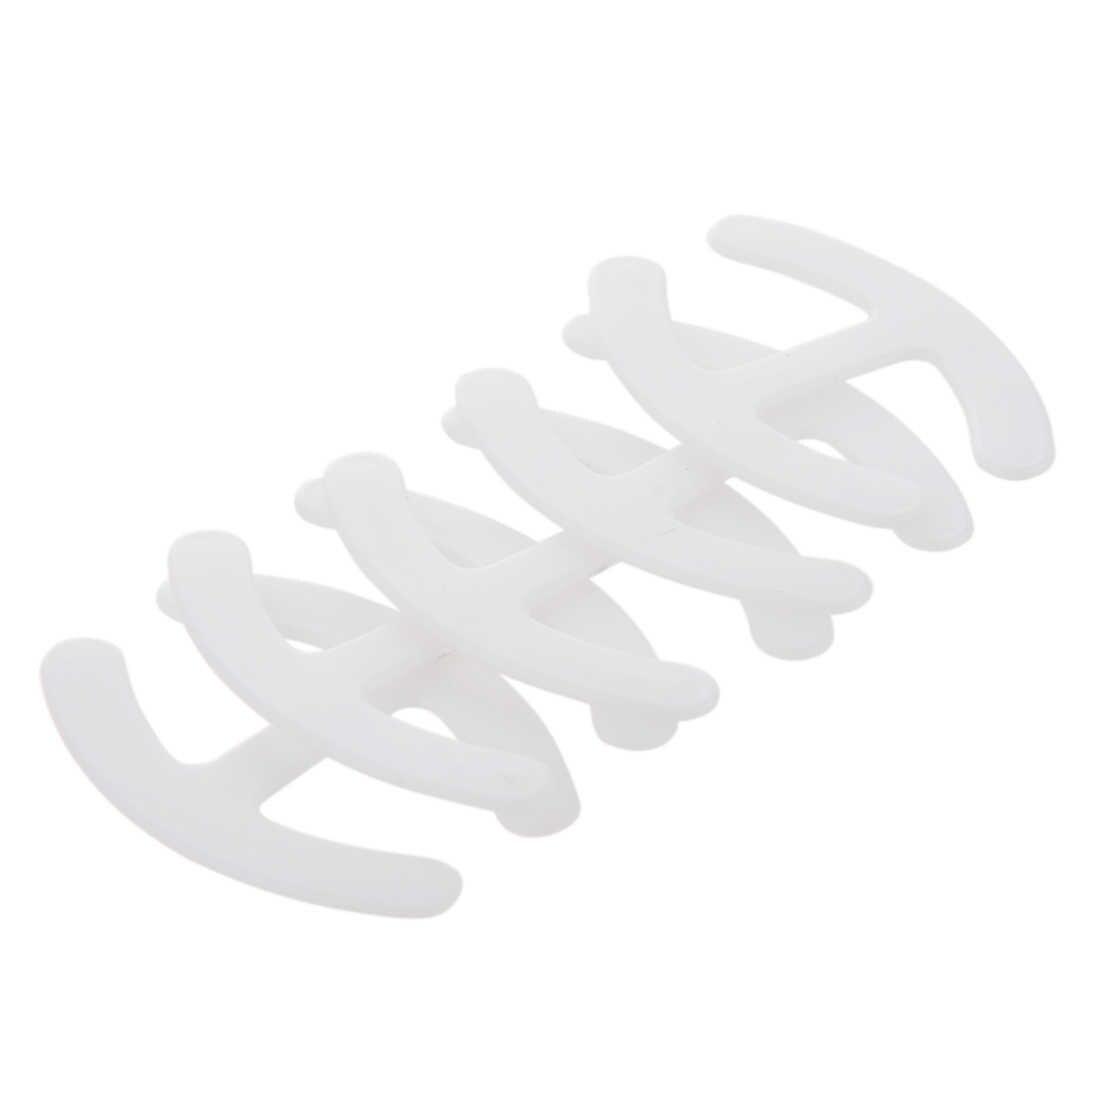 Caldo 5x Reggiseno Magico Pinze Strumento Reggiseno Strap Anti-Slip Strumento per Una Migliore Presa in Reggiseno